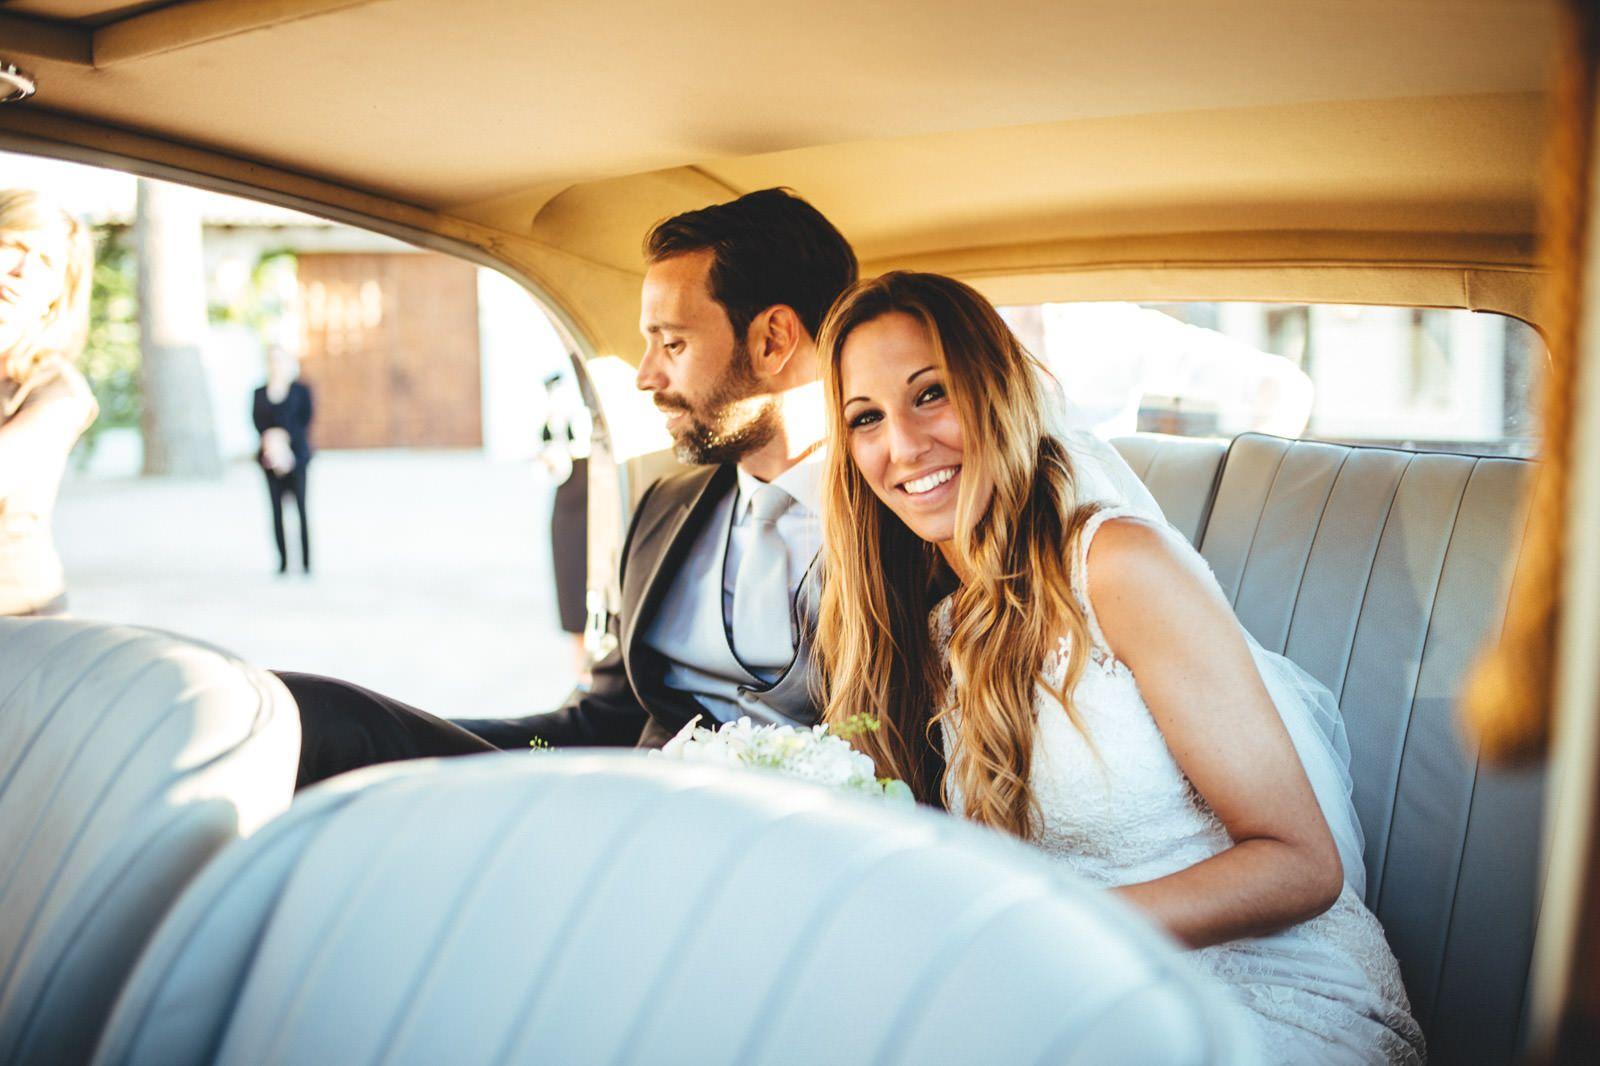 Fotografías de boda sin posados en Valencia - Santi Miquel - Fotografo de boda - 001